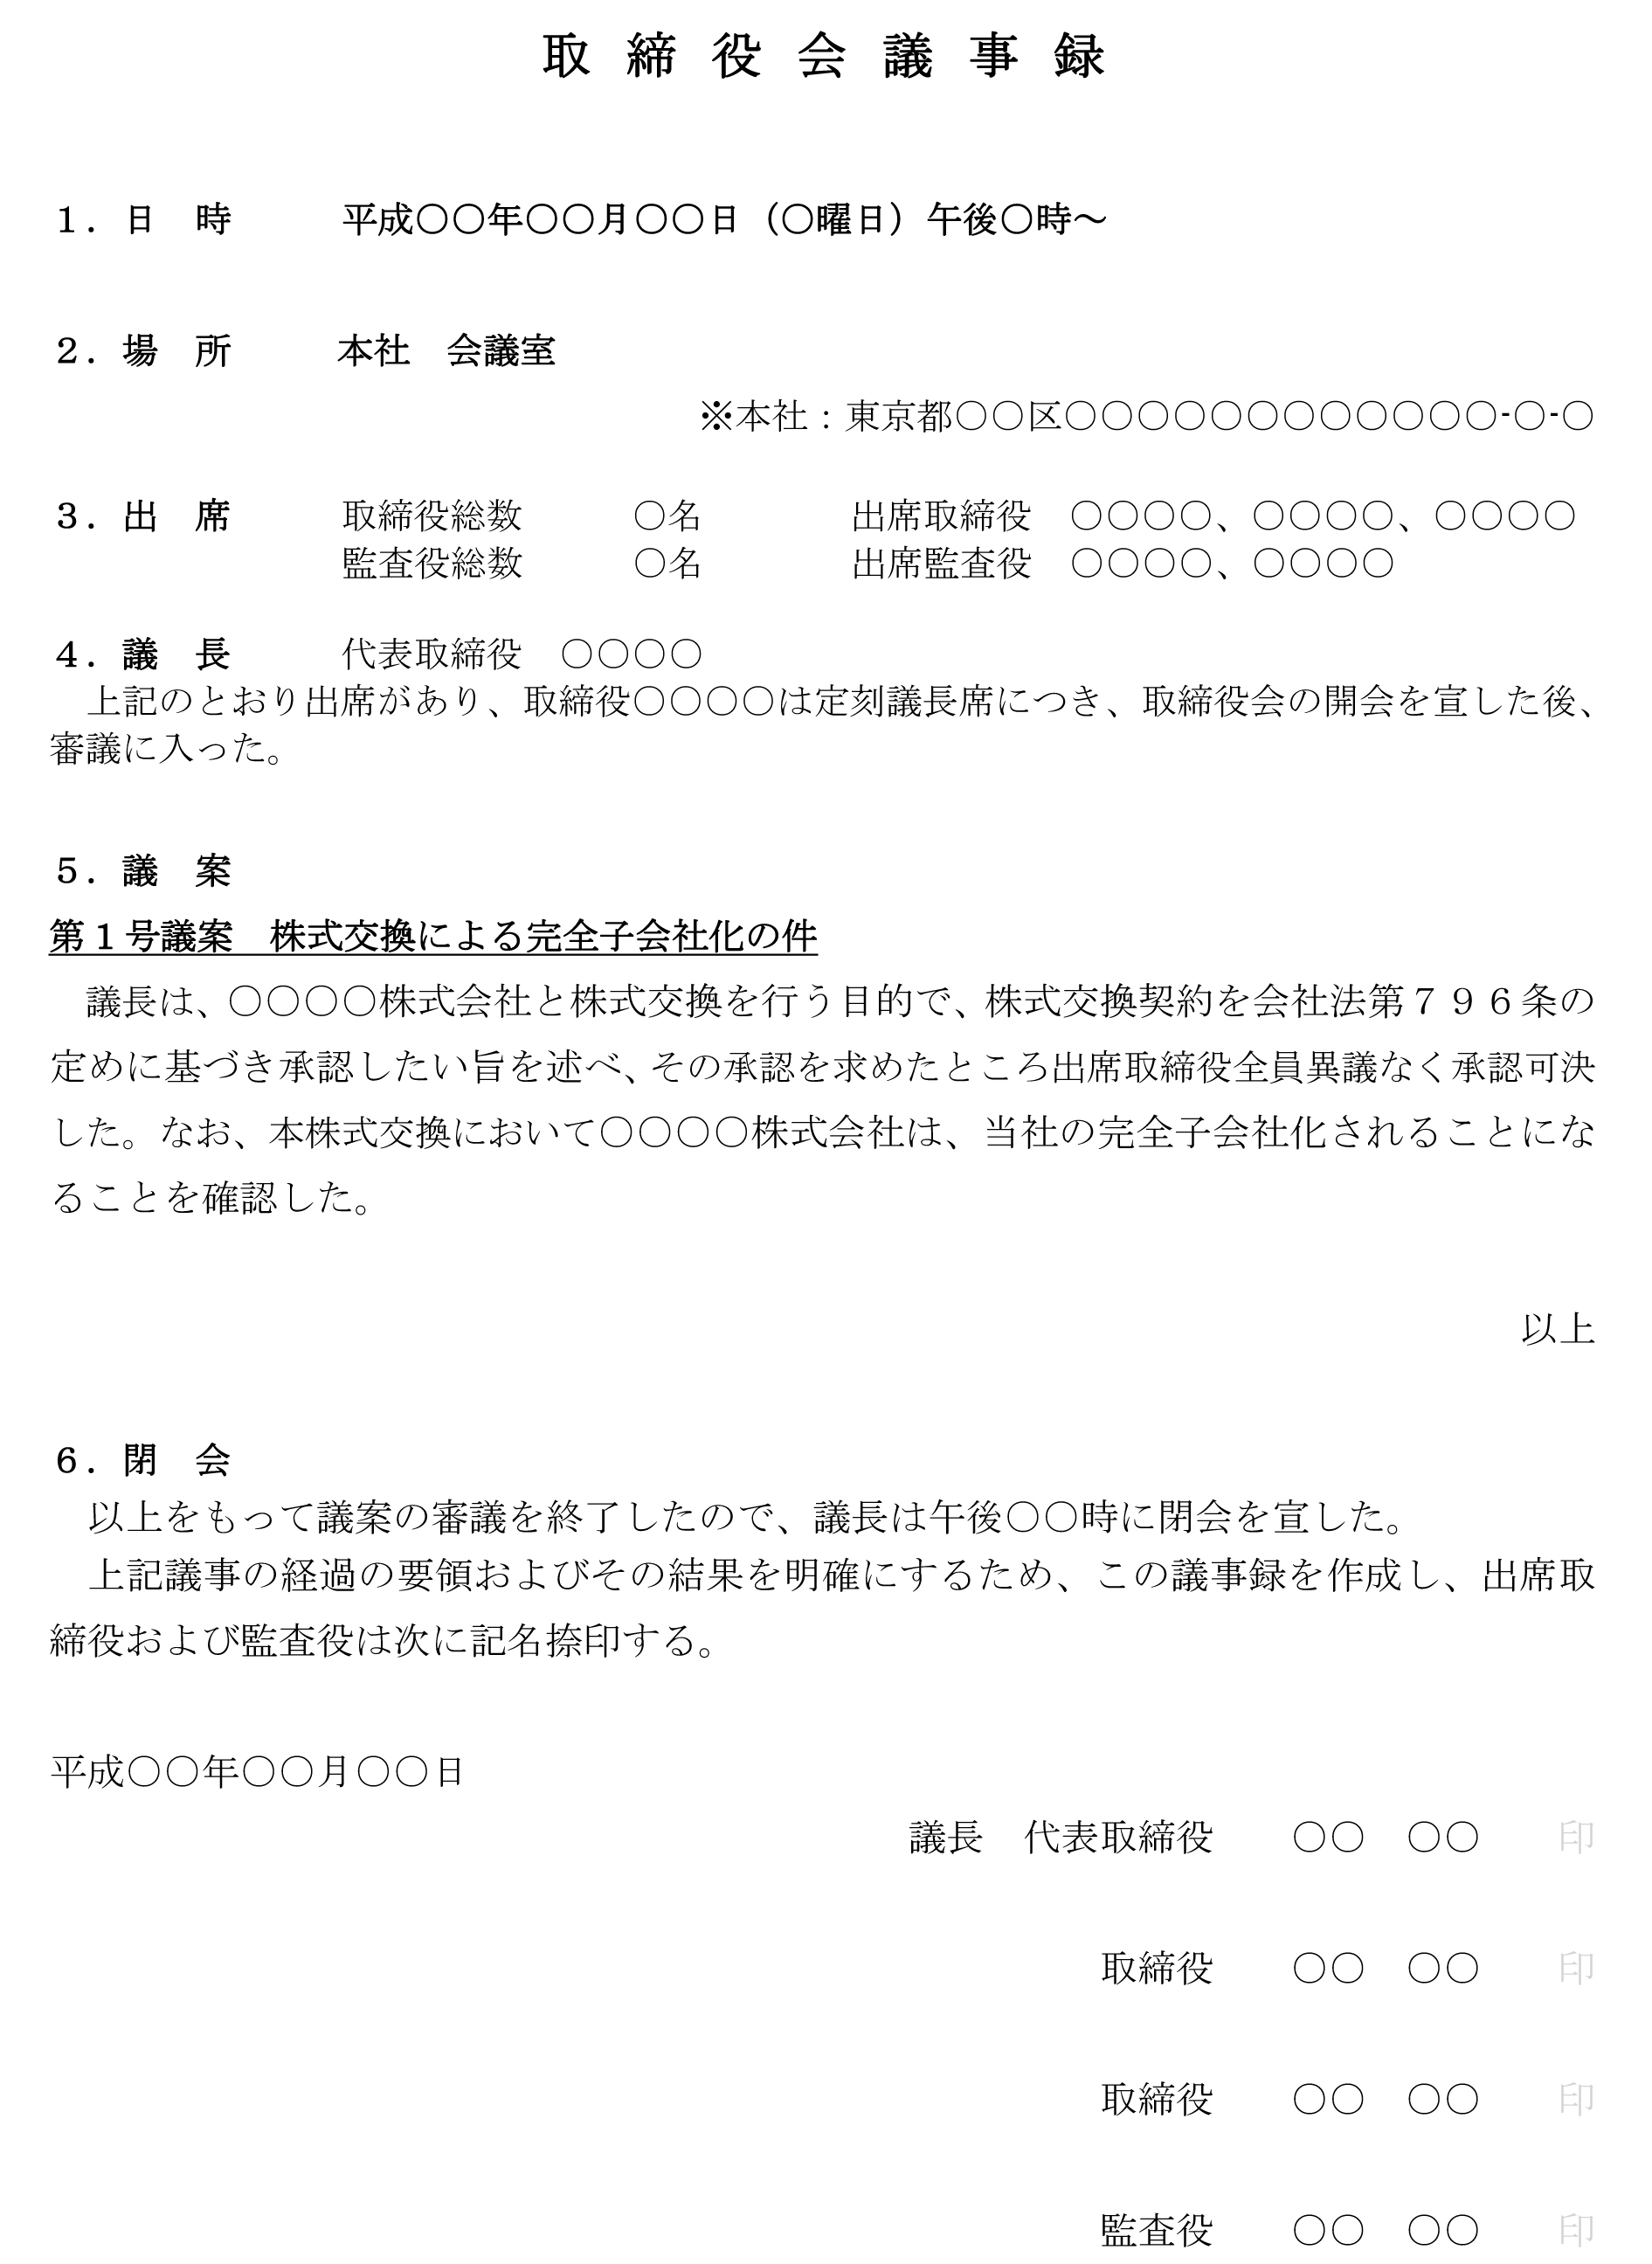 取締役会議事録(株式交換による子会社化)